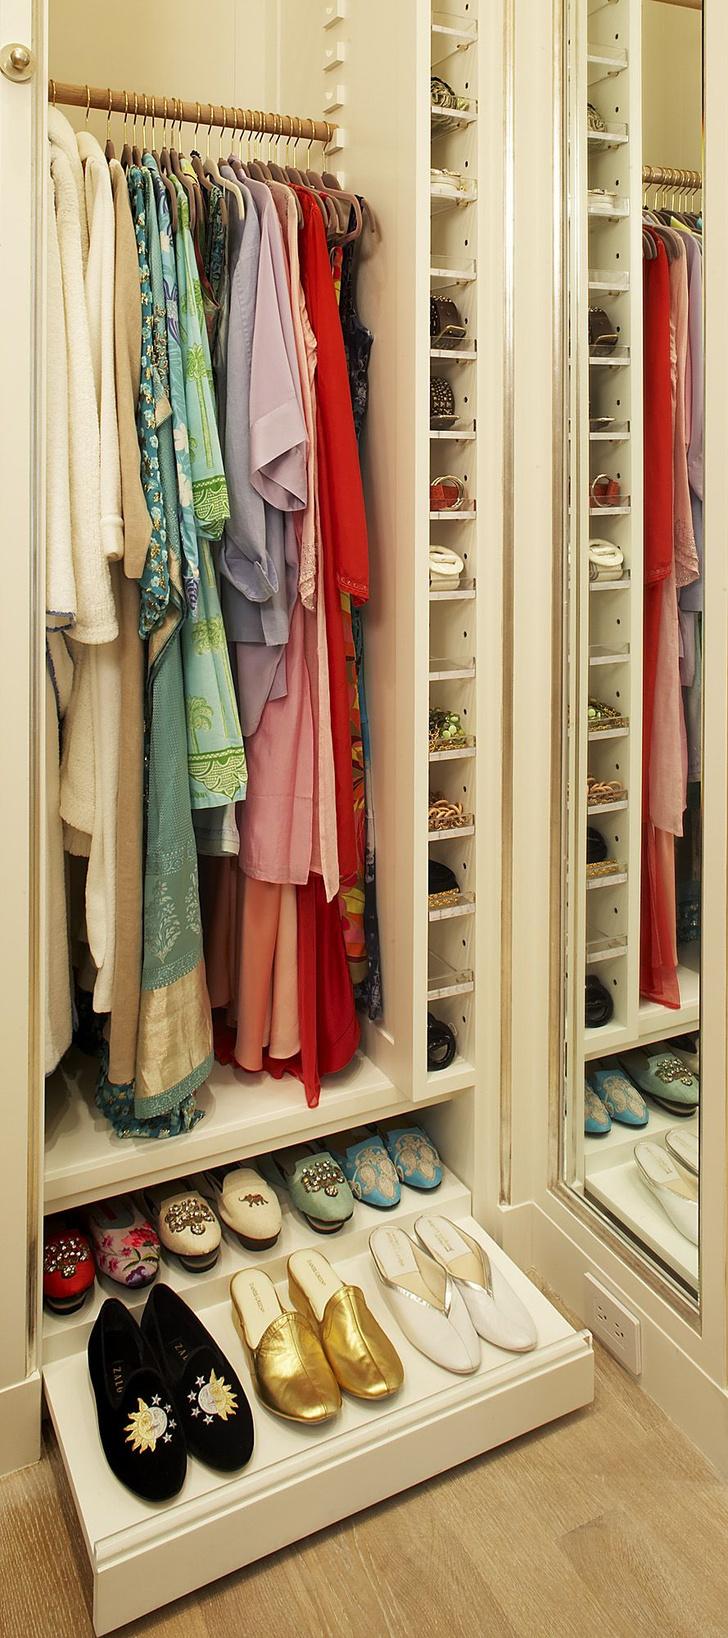 Фото №6 - Умное хранение и порядок: практичные советы